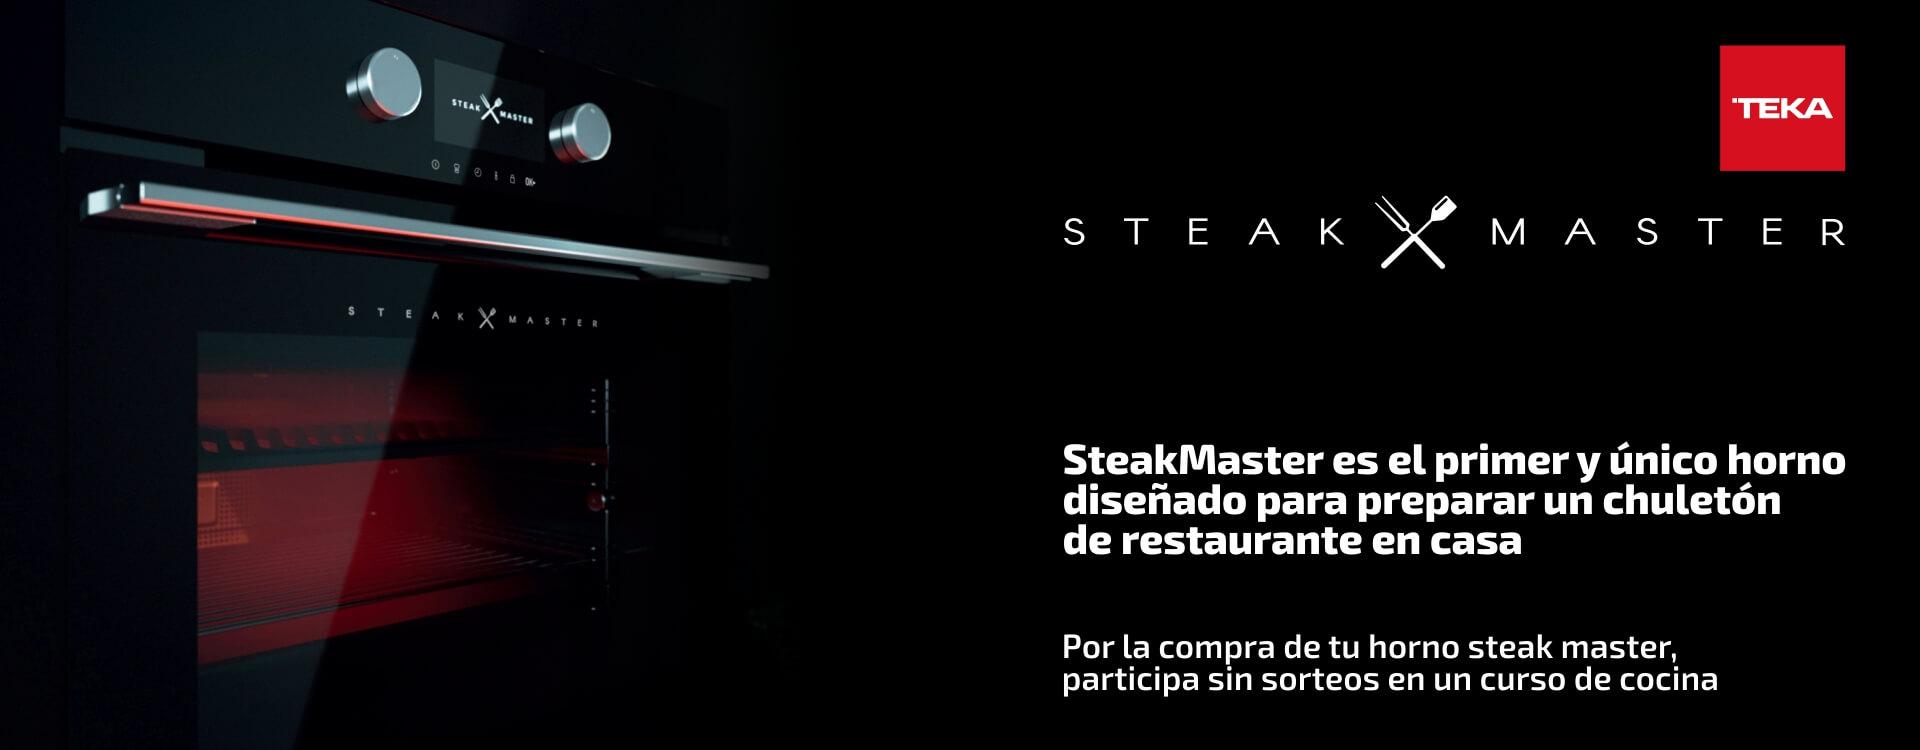 Steakmaster es el primer y único horno diseñado para preparar un chuletón de restaurante en casa